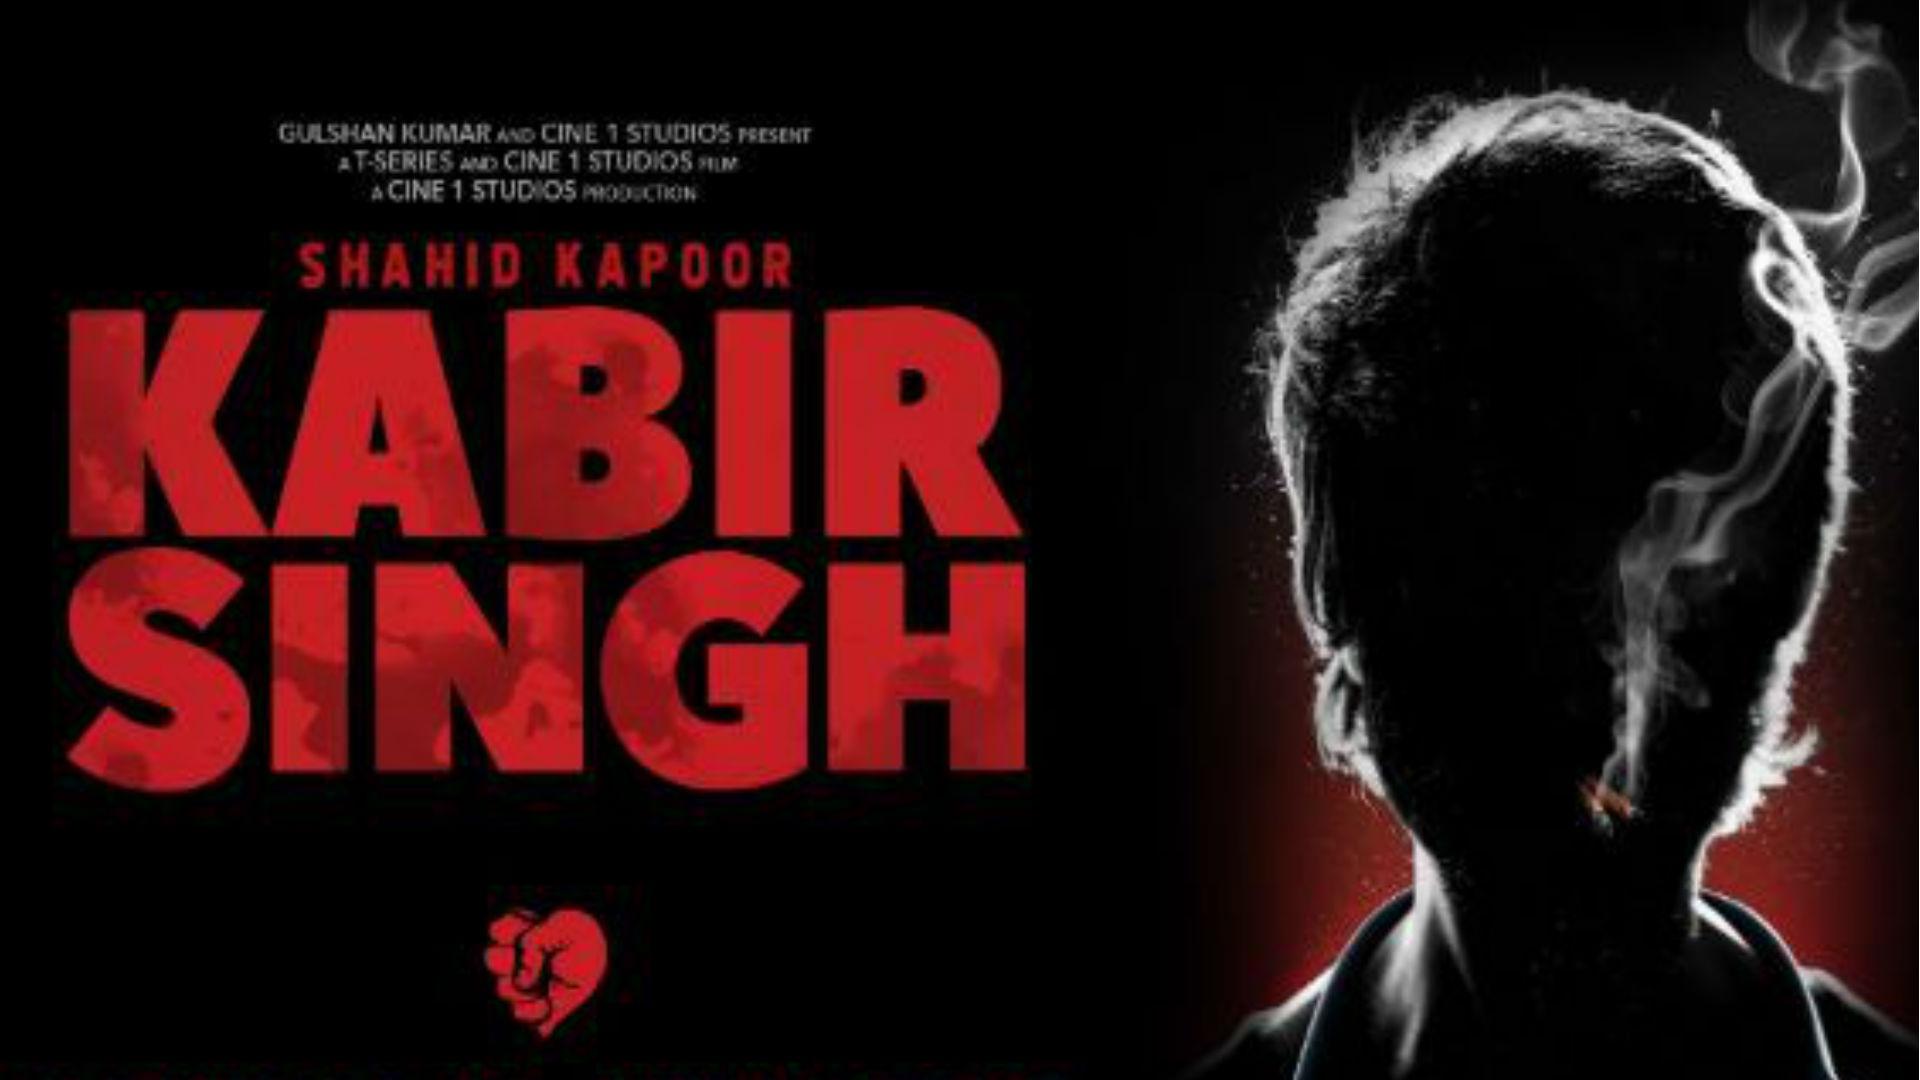 फिल्म कबीर सिंह के लिए एक दिन में 20 सिगरेट पीते थे शाहिद कपूर, फिर घर जाने से पहले करते थे ये काम